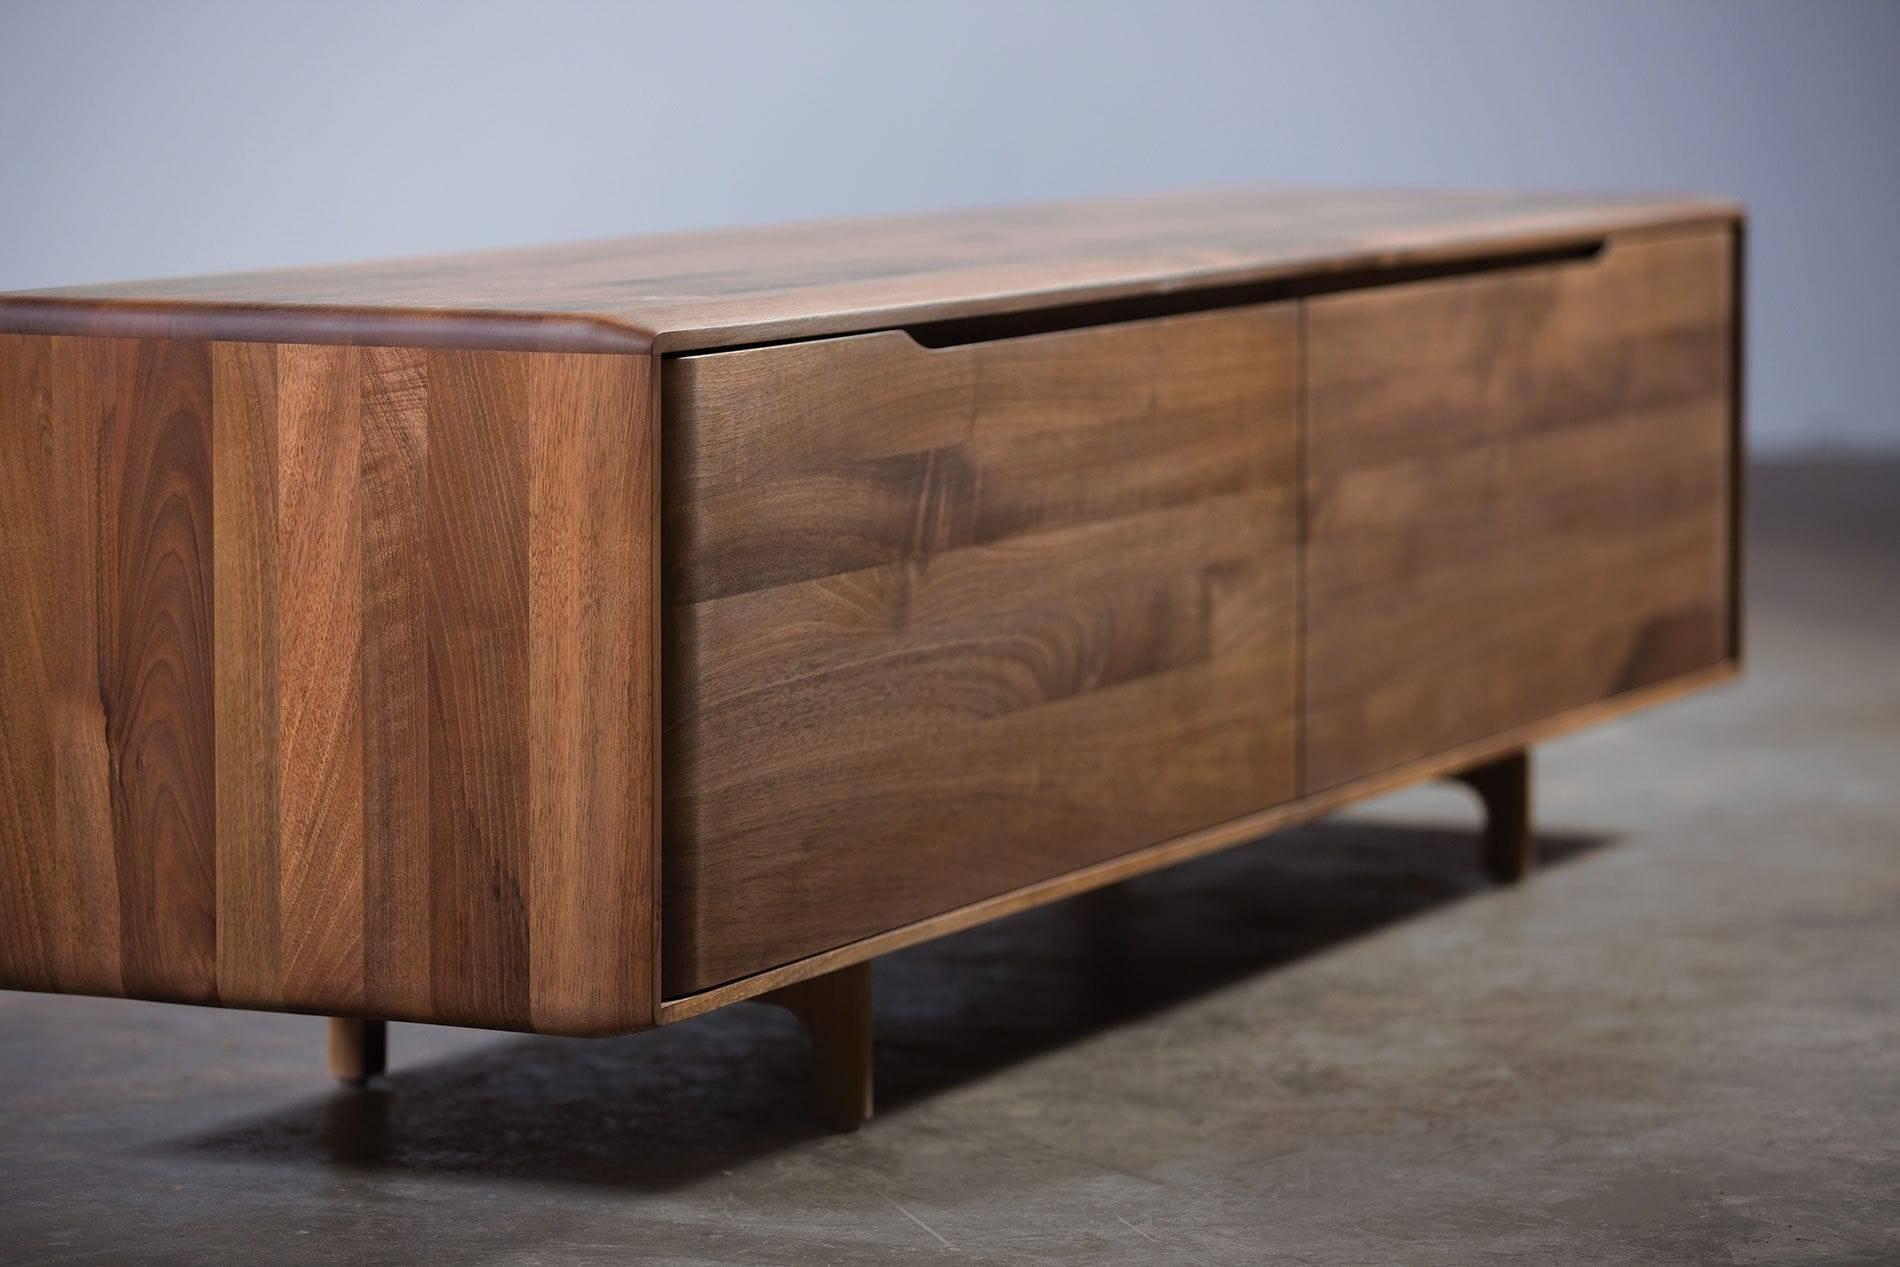 Contemporary Sideboard / Oak / Walnut / Solid Wood – Invito Throughout Contemporary Oak Sideboard (View 3 of 20)